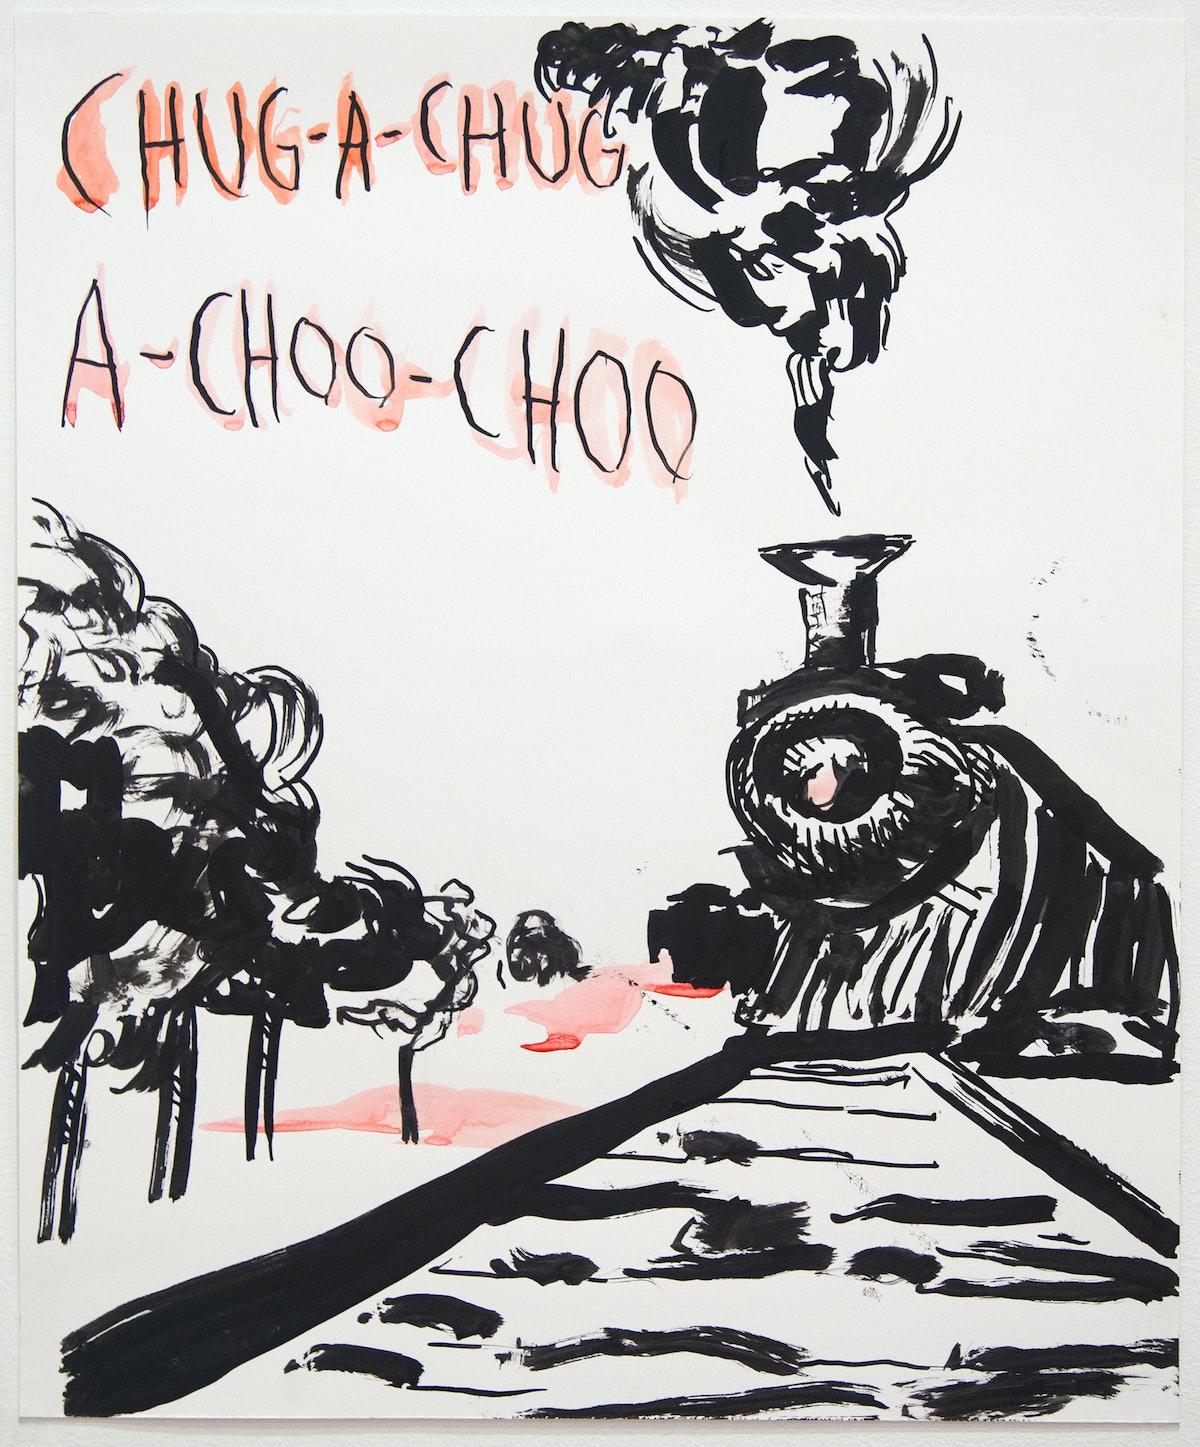 Raymond Pettibon's No Title (Chug-a-chug...)